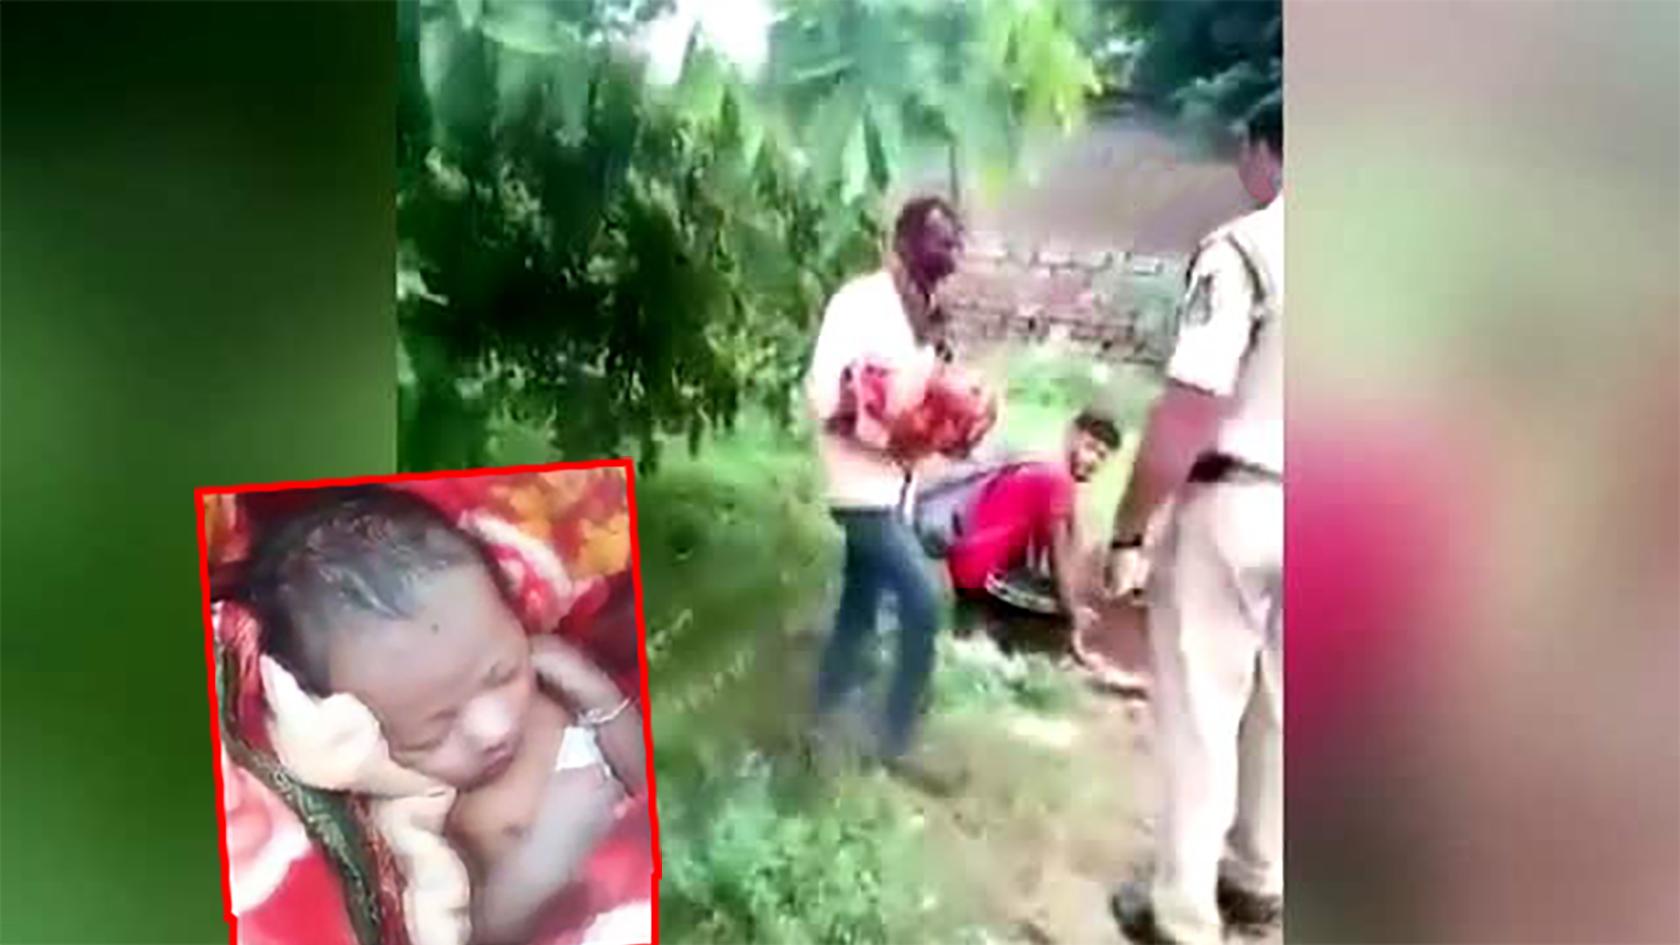 Akıl almaz olay! Kız bebeği diri diri gömmeye çalışan dede suçüstü yakalandı